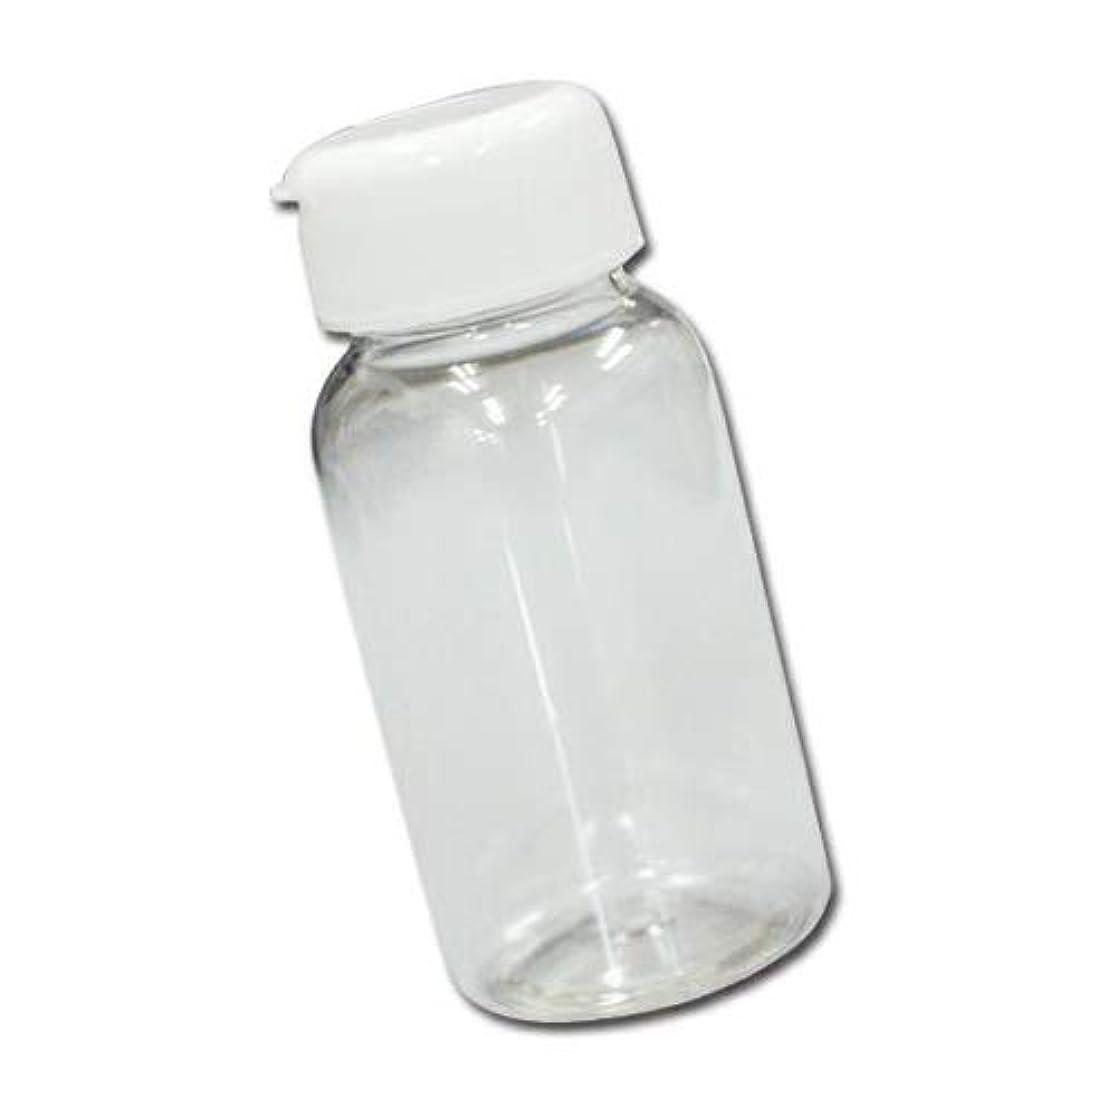 サーバ準備したシットコムパウダー用詰め替え容器200mlボトル│業務用マッサージパウダーや調味料の小分けに最適な穴あき詰め替えボトル